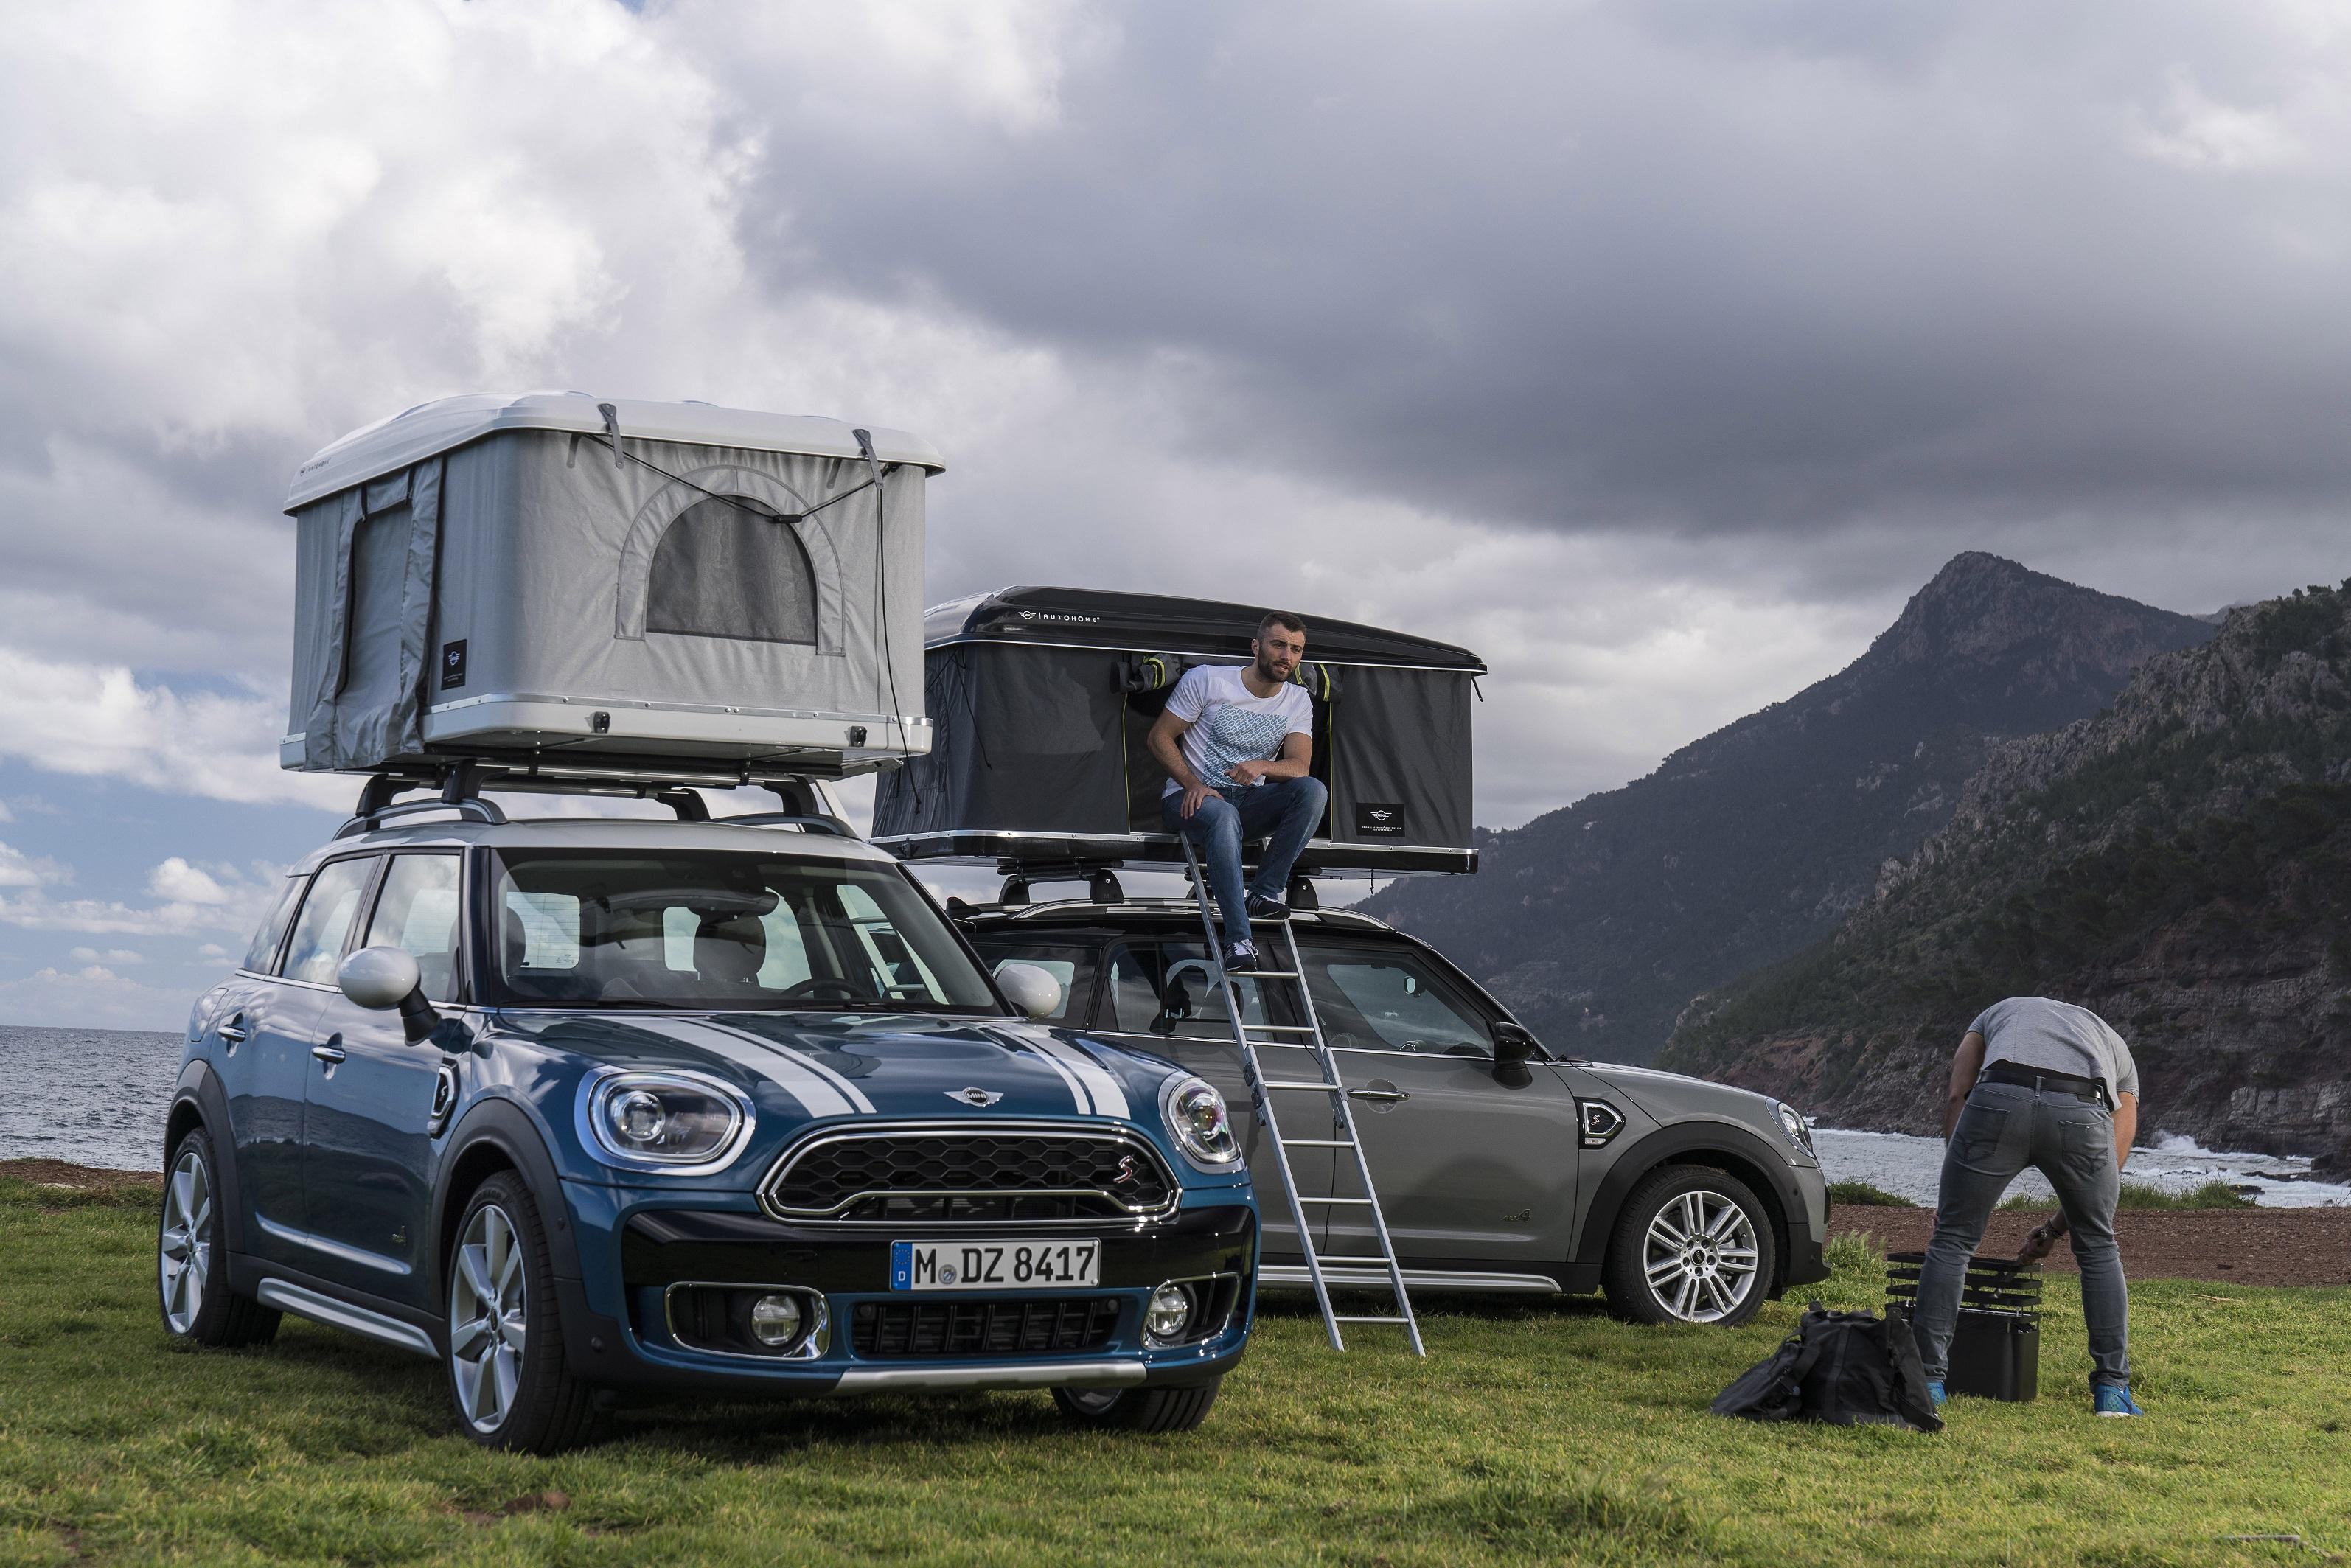 新型BMW MINIクロスオーバー(F60)用のルーフテントがイタリアAutohome社から発売!屋根の上で寝ることができるって凄い^^